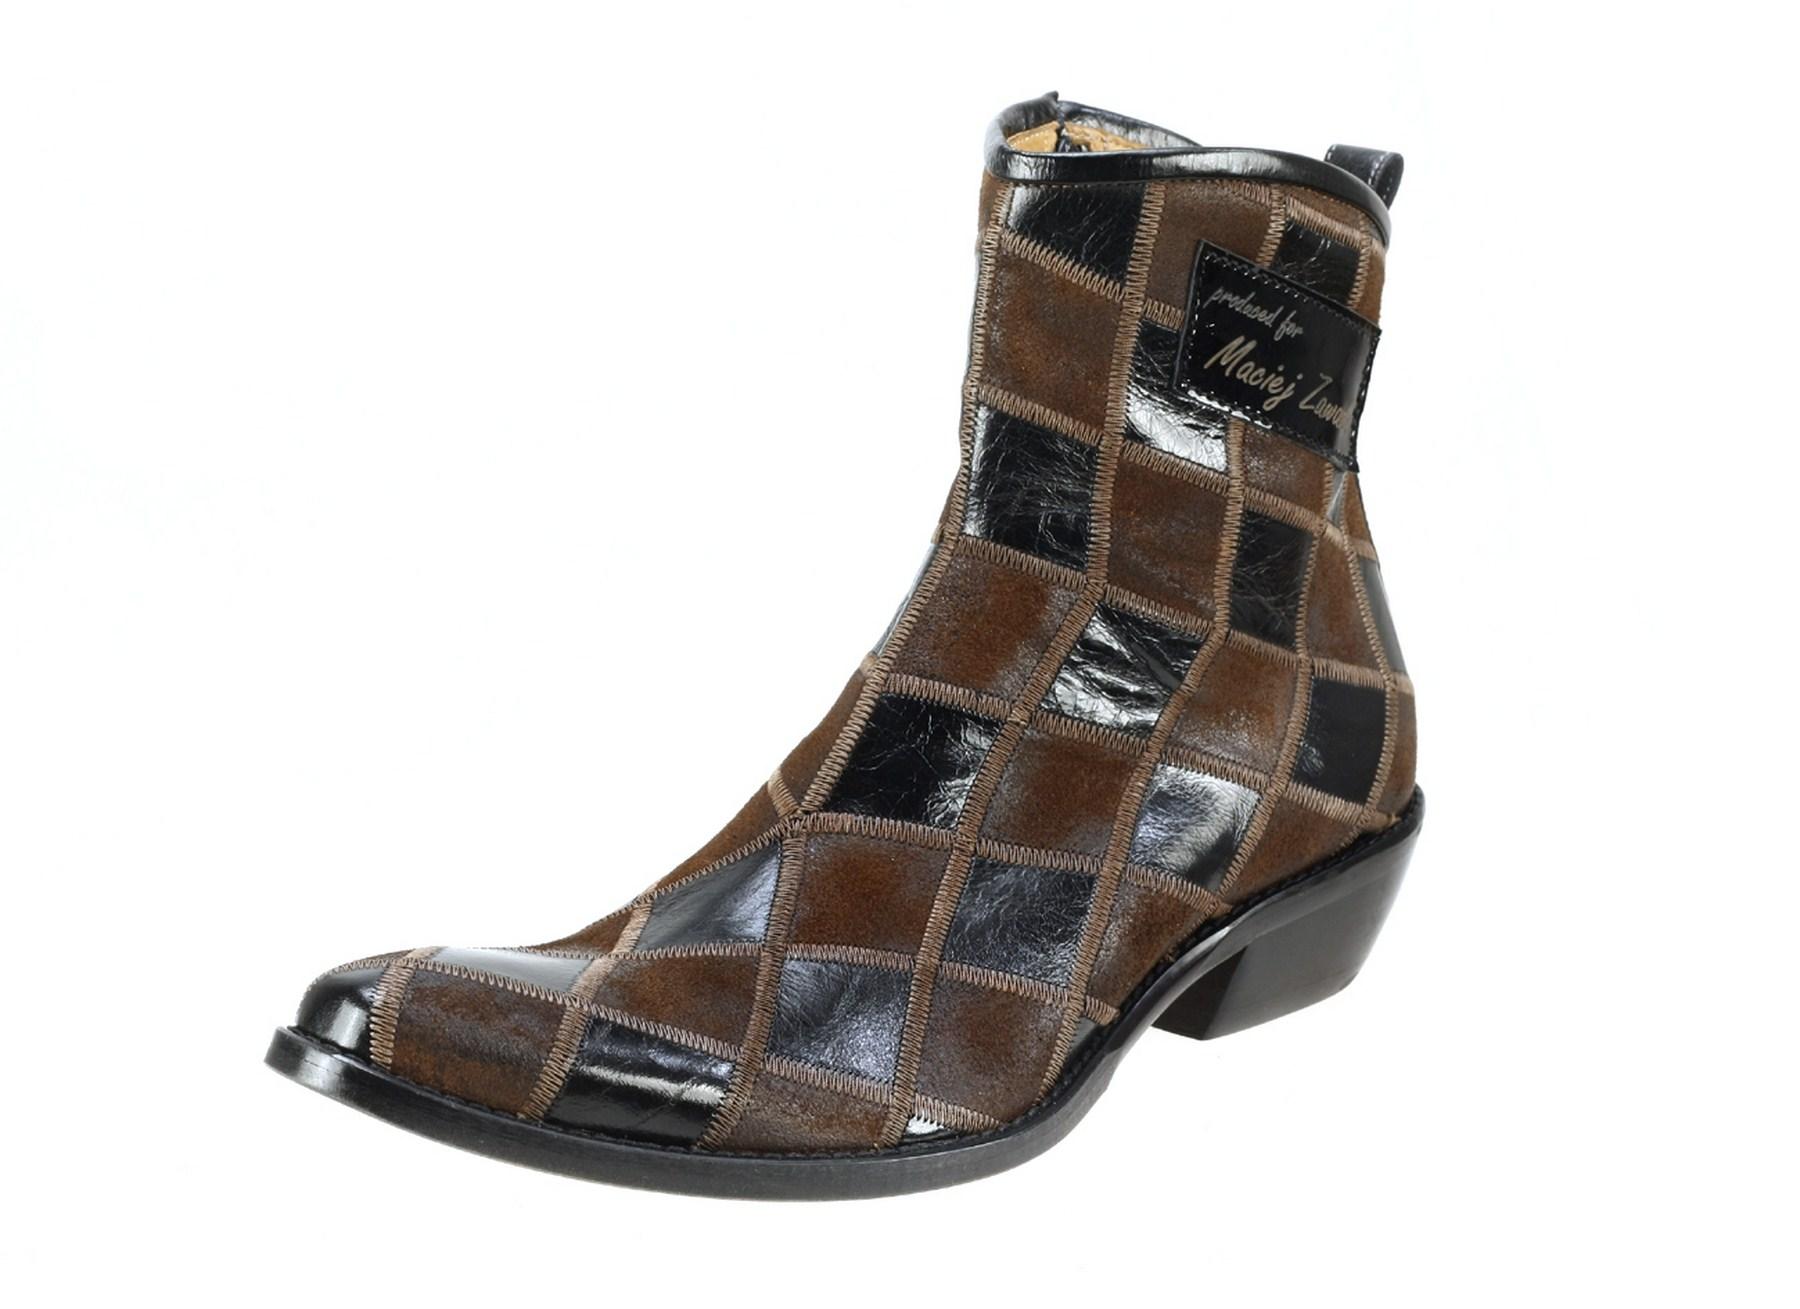 Obuwie Kowbojki id  240 Comodo E Sano - obuwie doskonałe. Internetowy sklep  obuwniczy - Obuwie wizytowe  c093a5b42a3